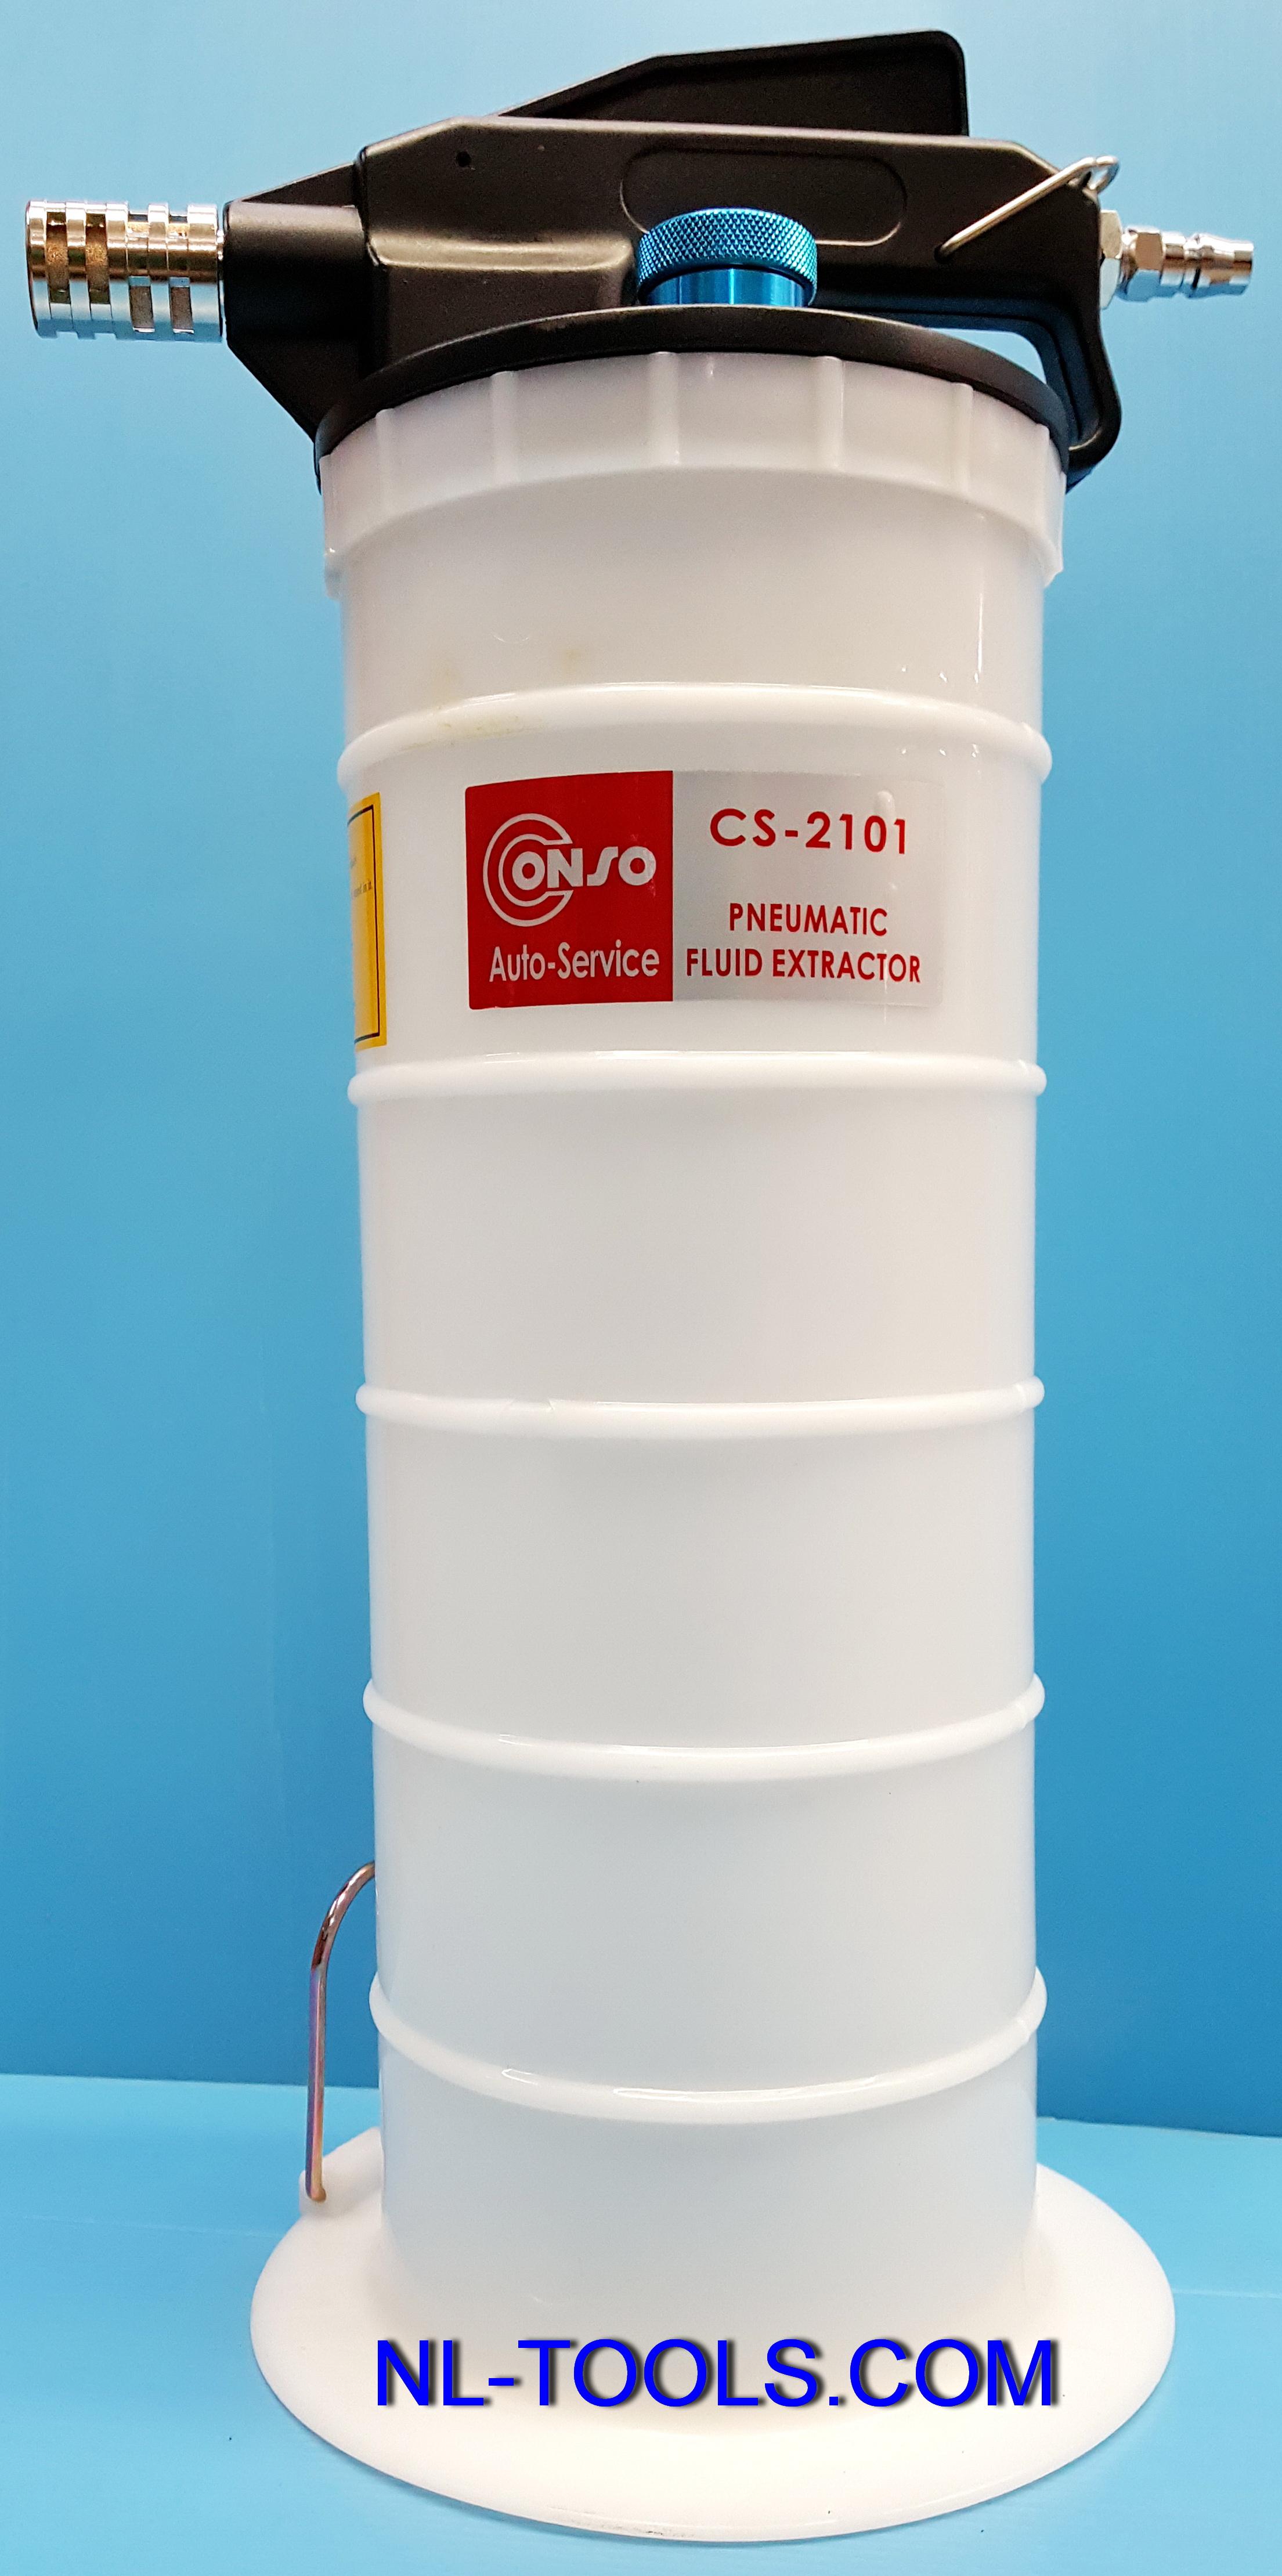 ถังถ่ายน้ำมันเกียรใช้ลม CONSO ไต้หวัน(KPW)(เครื่องมือช่าง)